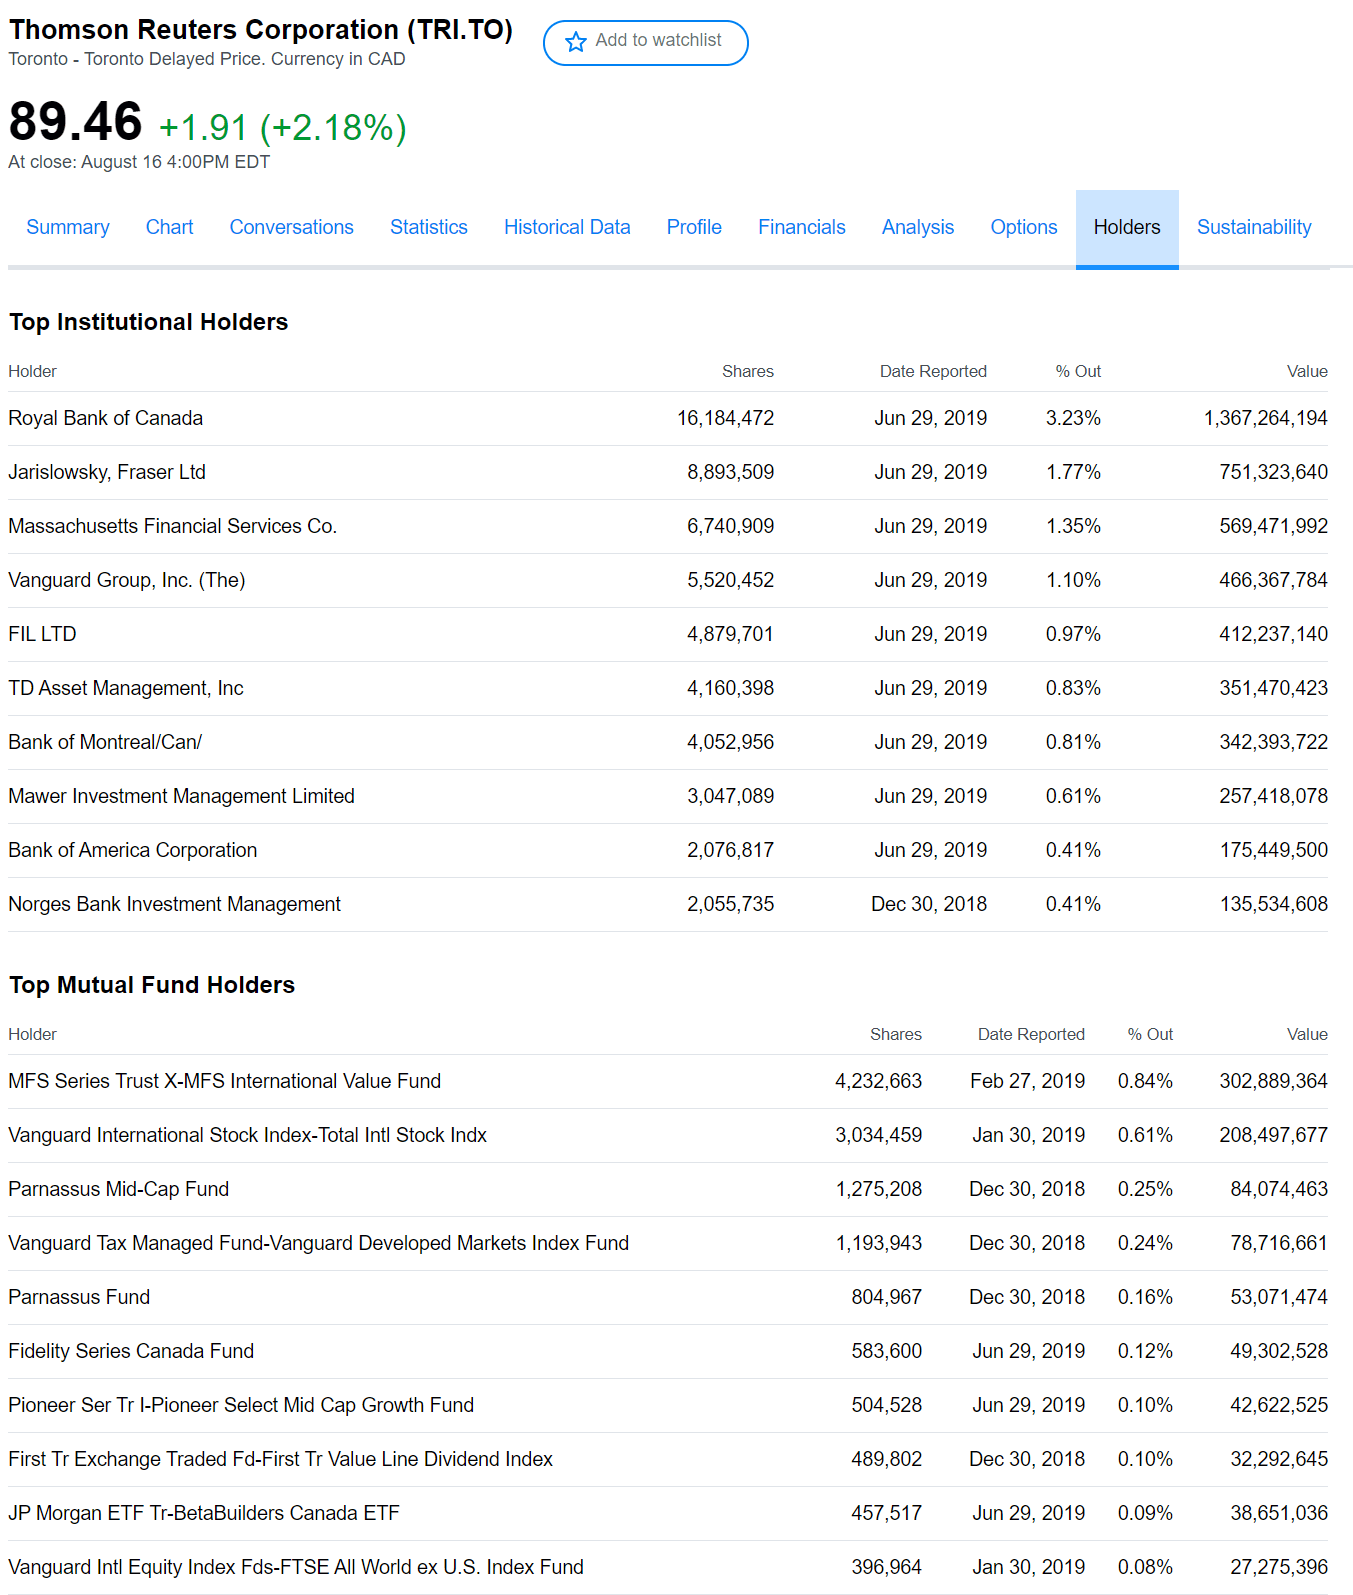 azionisti thomson reuters